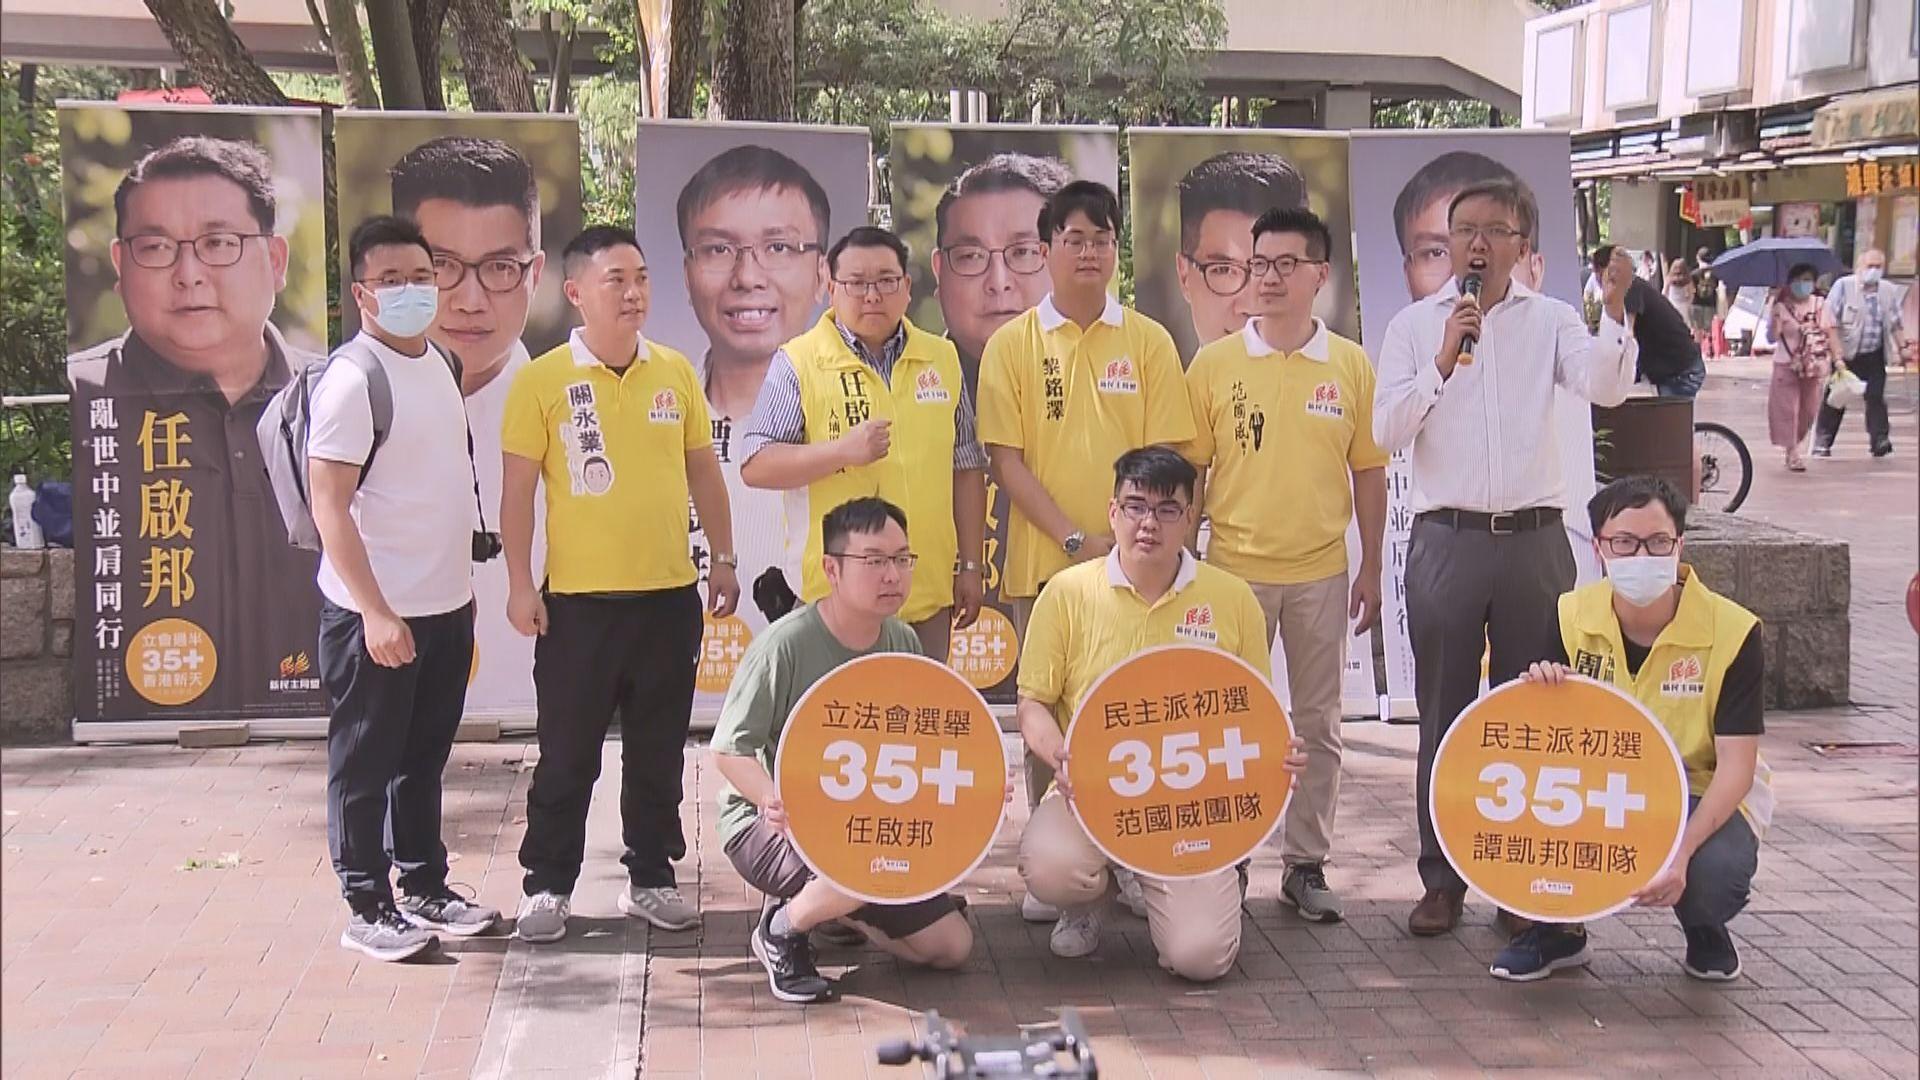 新民主同盟派出四人參加今屆立法會選舉